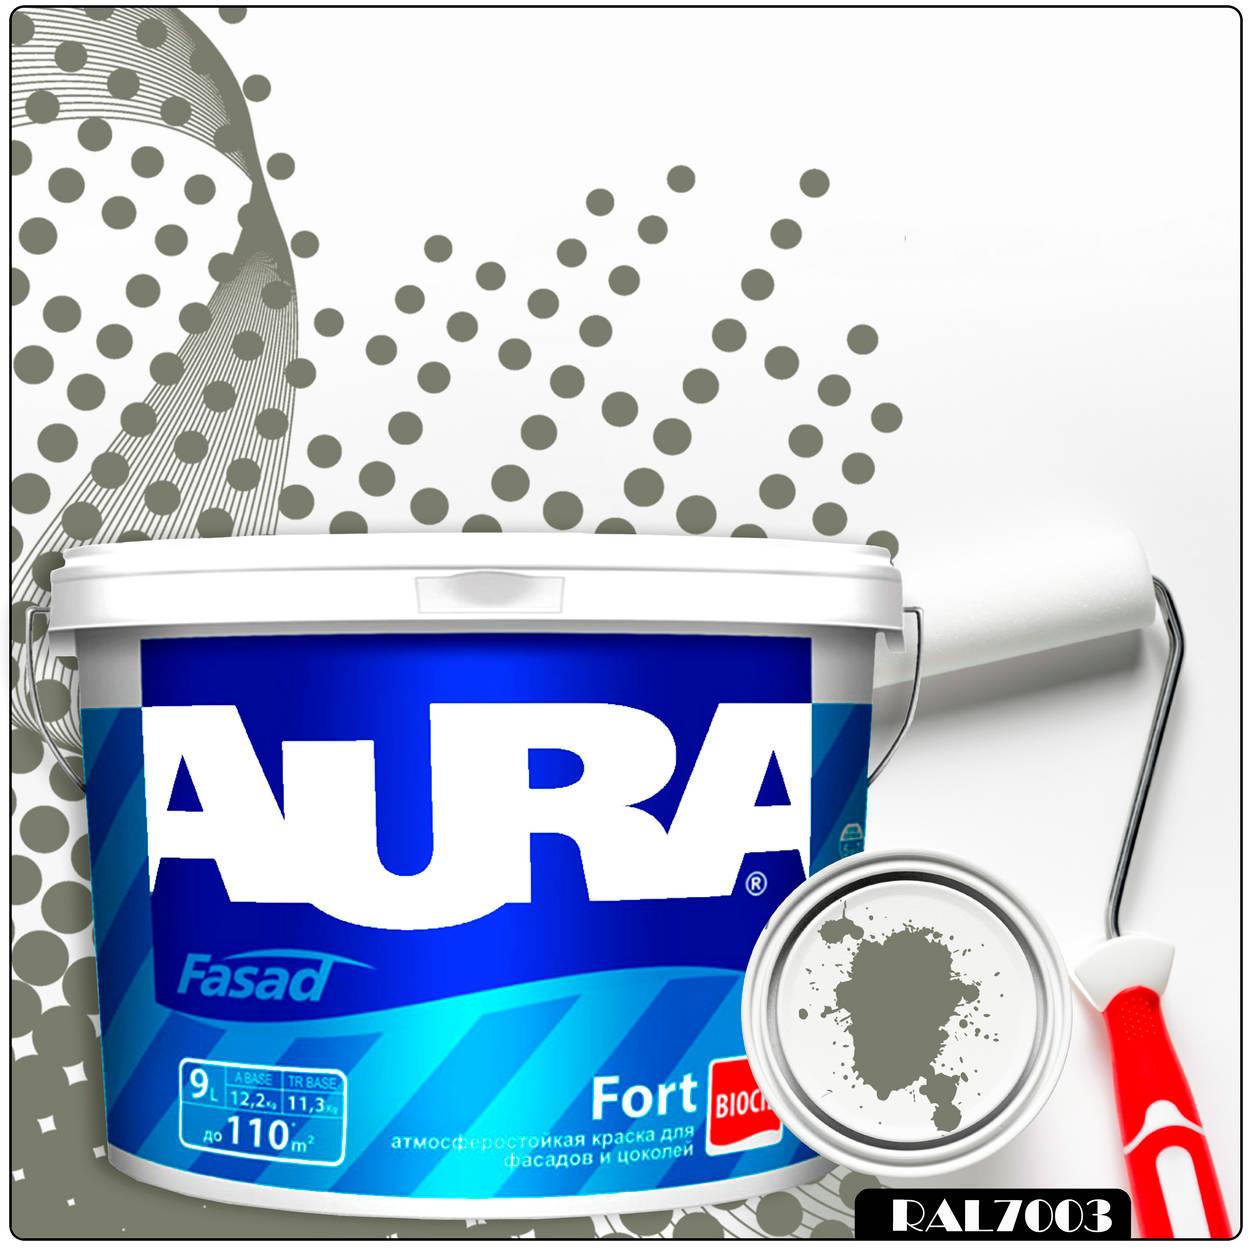 Фото 3 - Краска Aura Fasad Fort, RAL 7003 Серый мох, латексная, матовая, для фасада и цоколей, 9л, Аура.